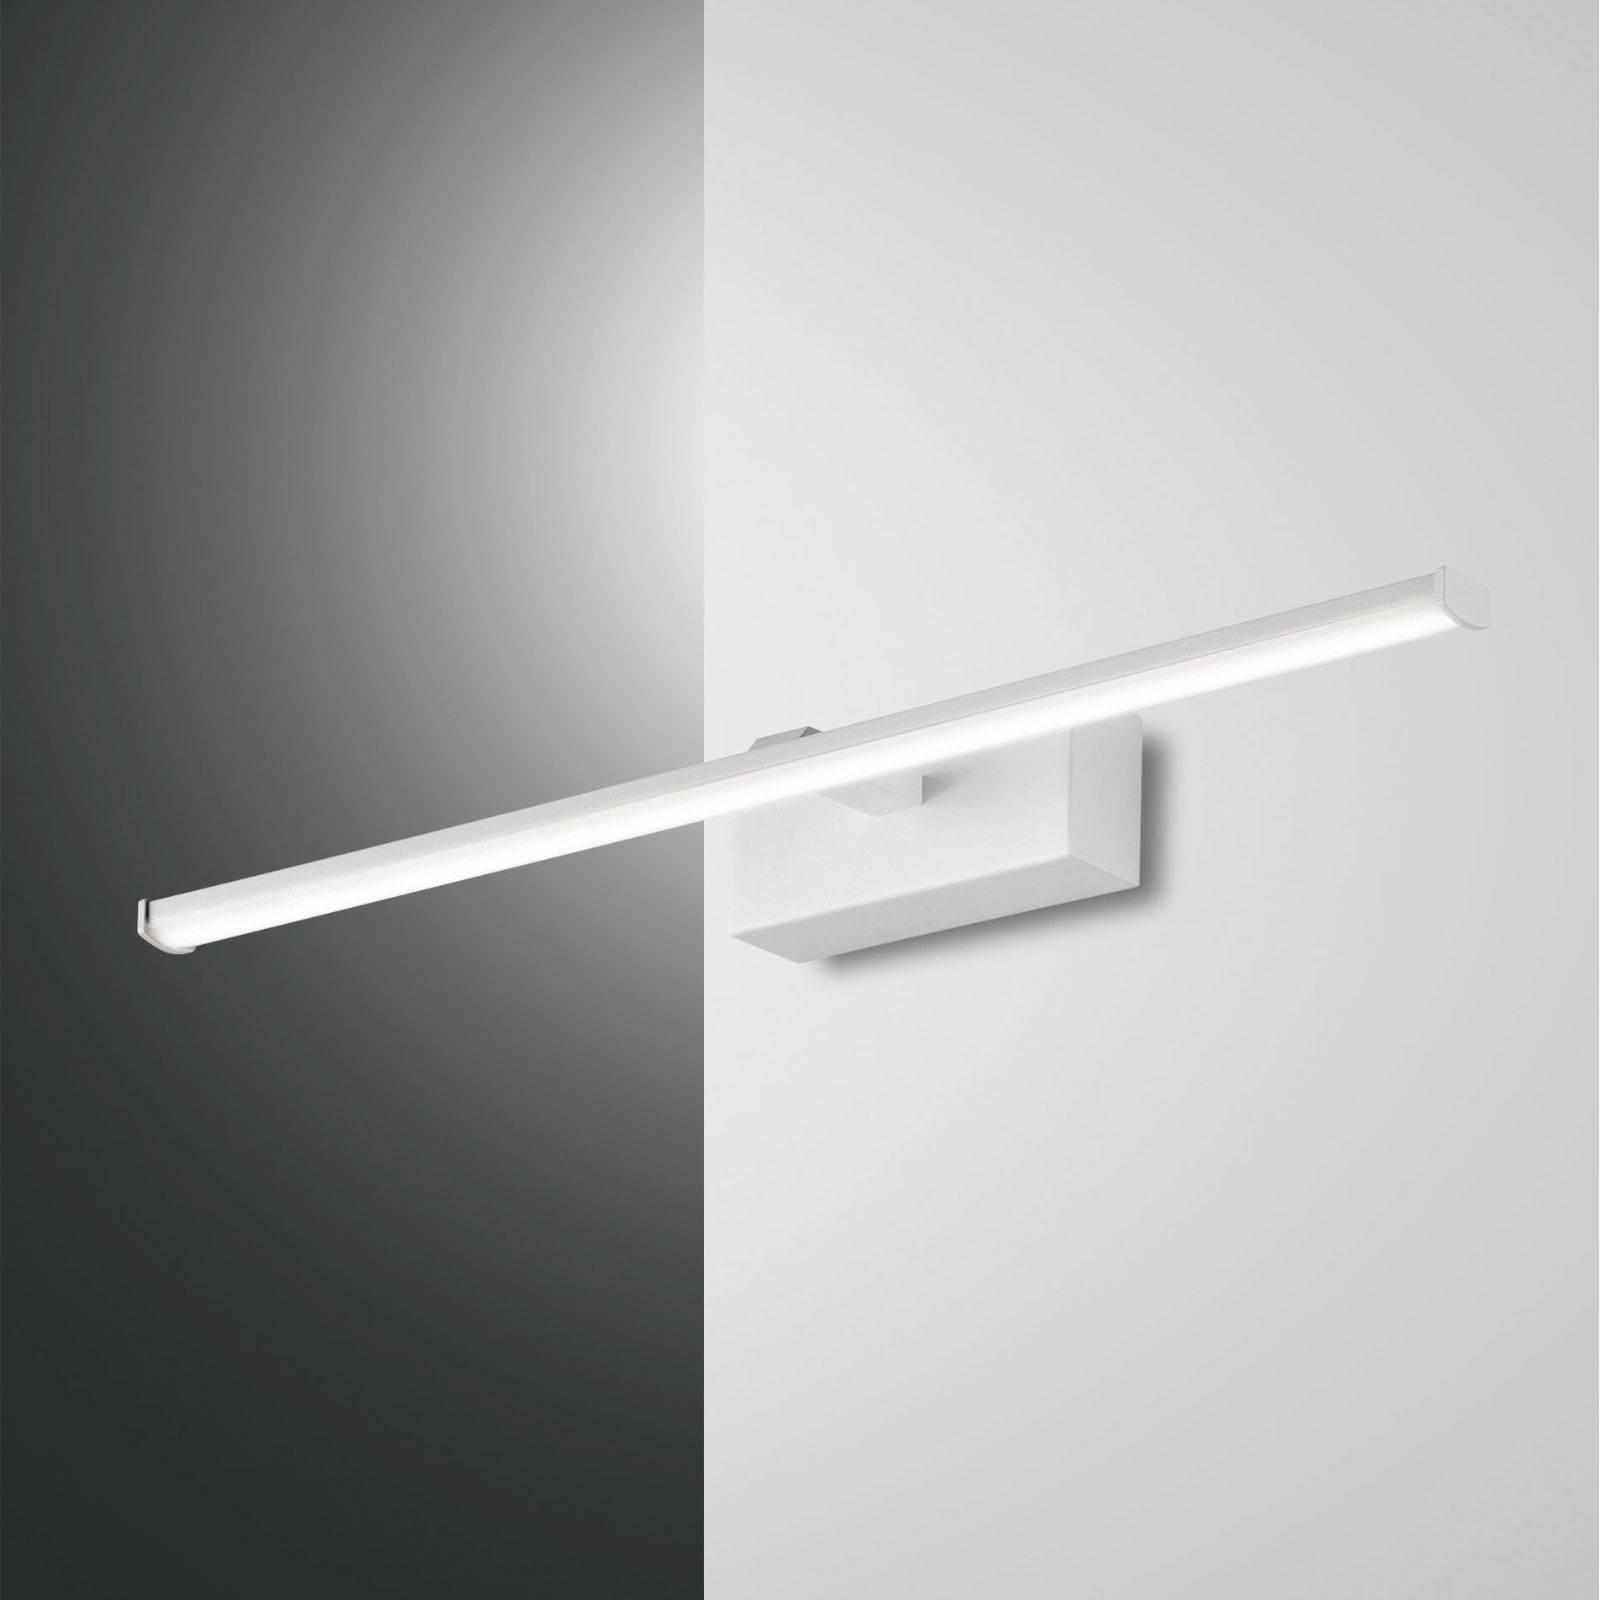 LED-seinävalaisin Nala, valkoinen, leveys 50 cm